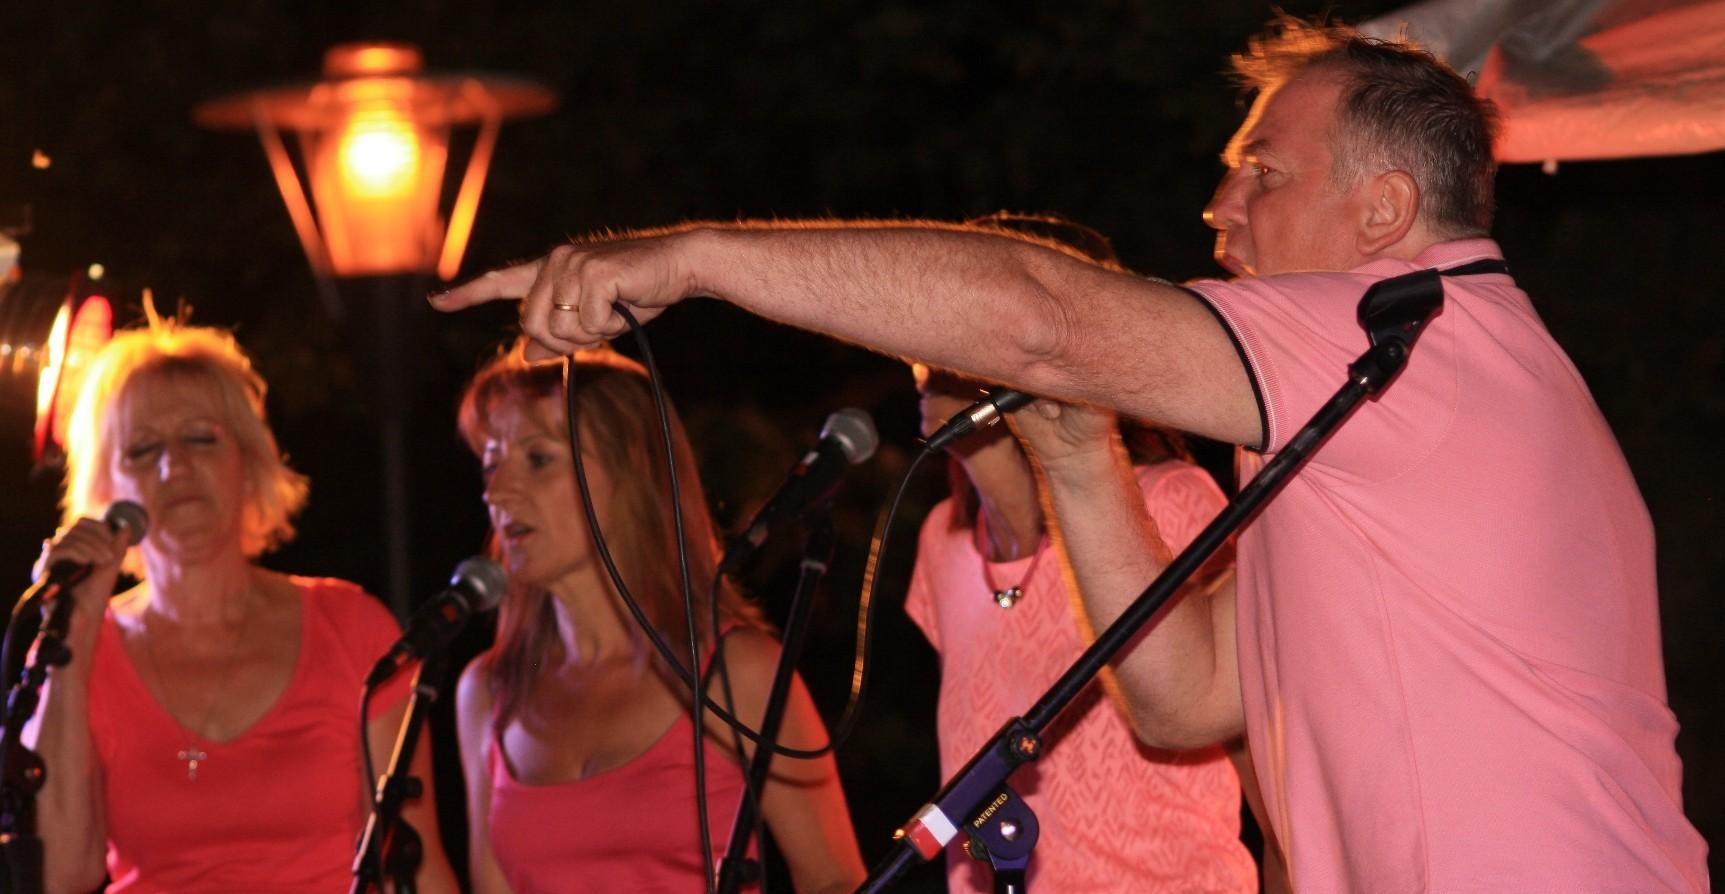 les rock allez - fête de la musique 2014 - amgrezieu